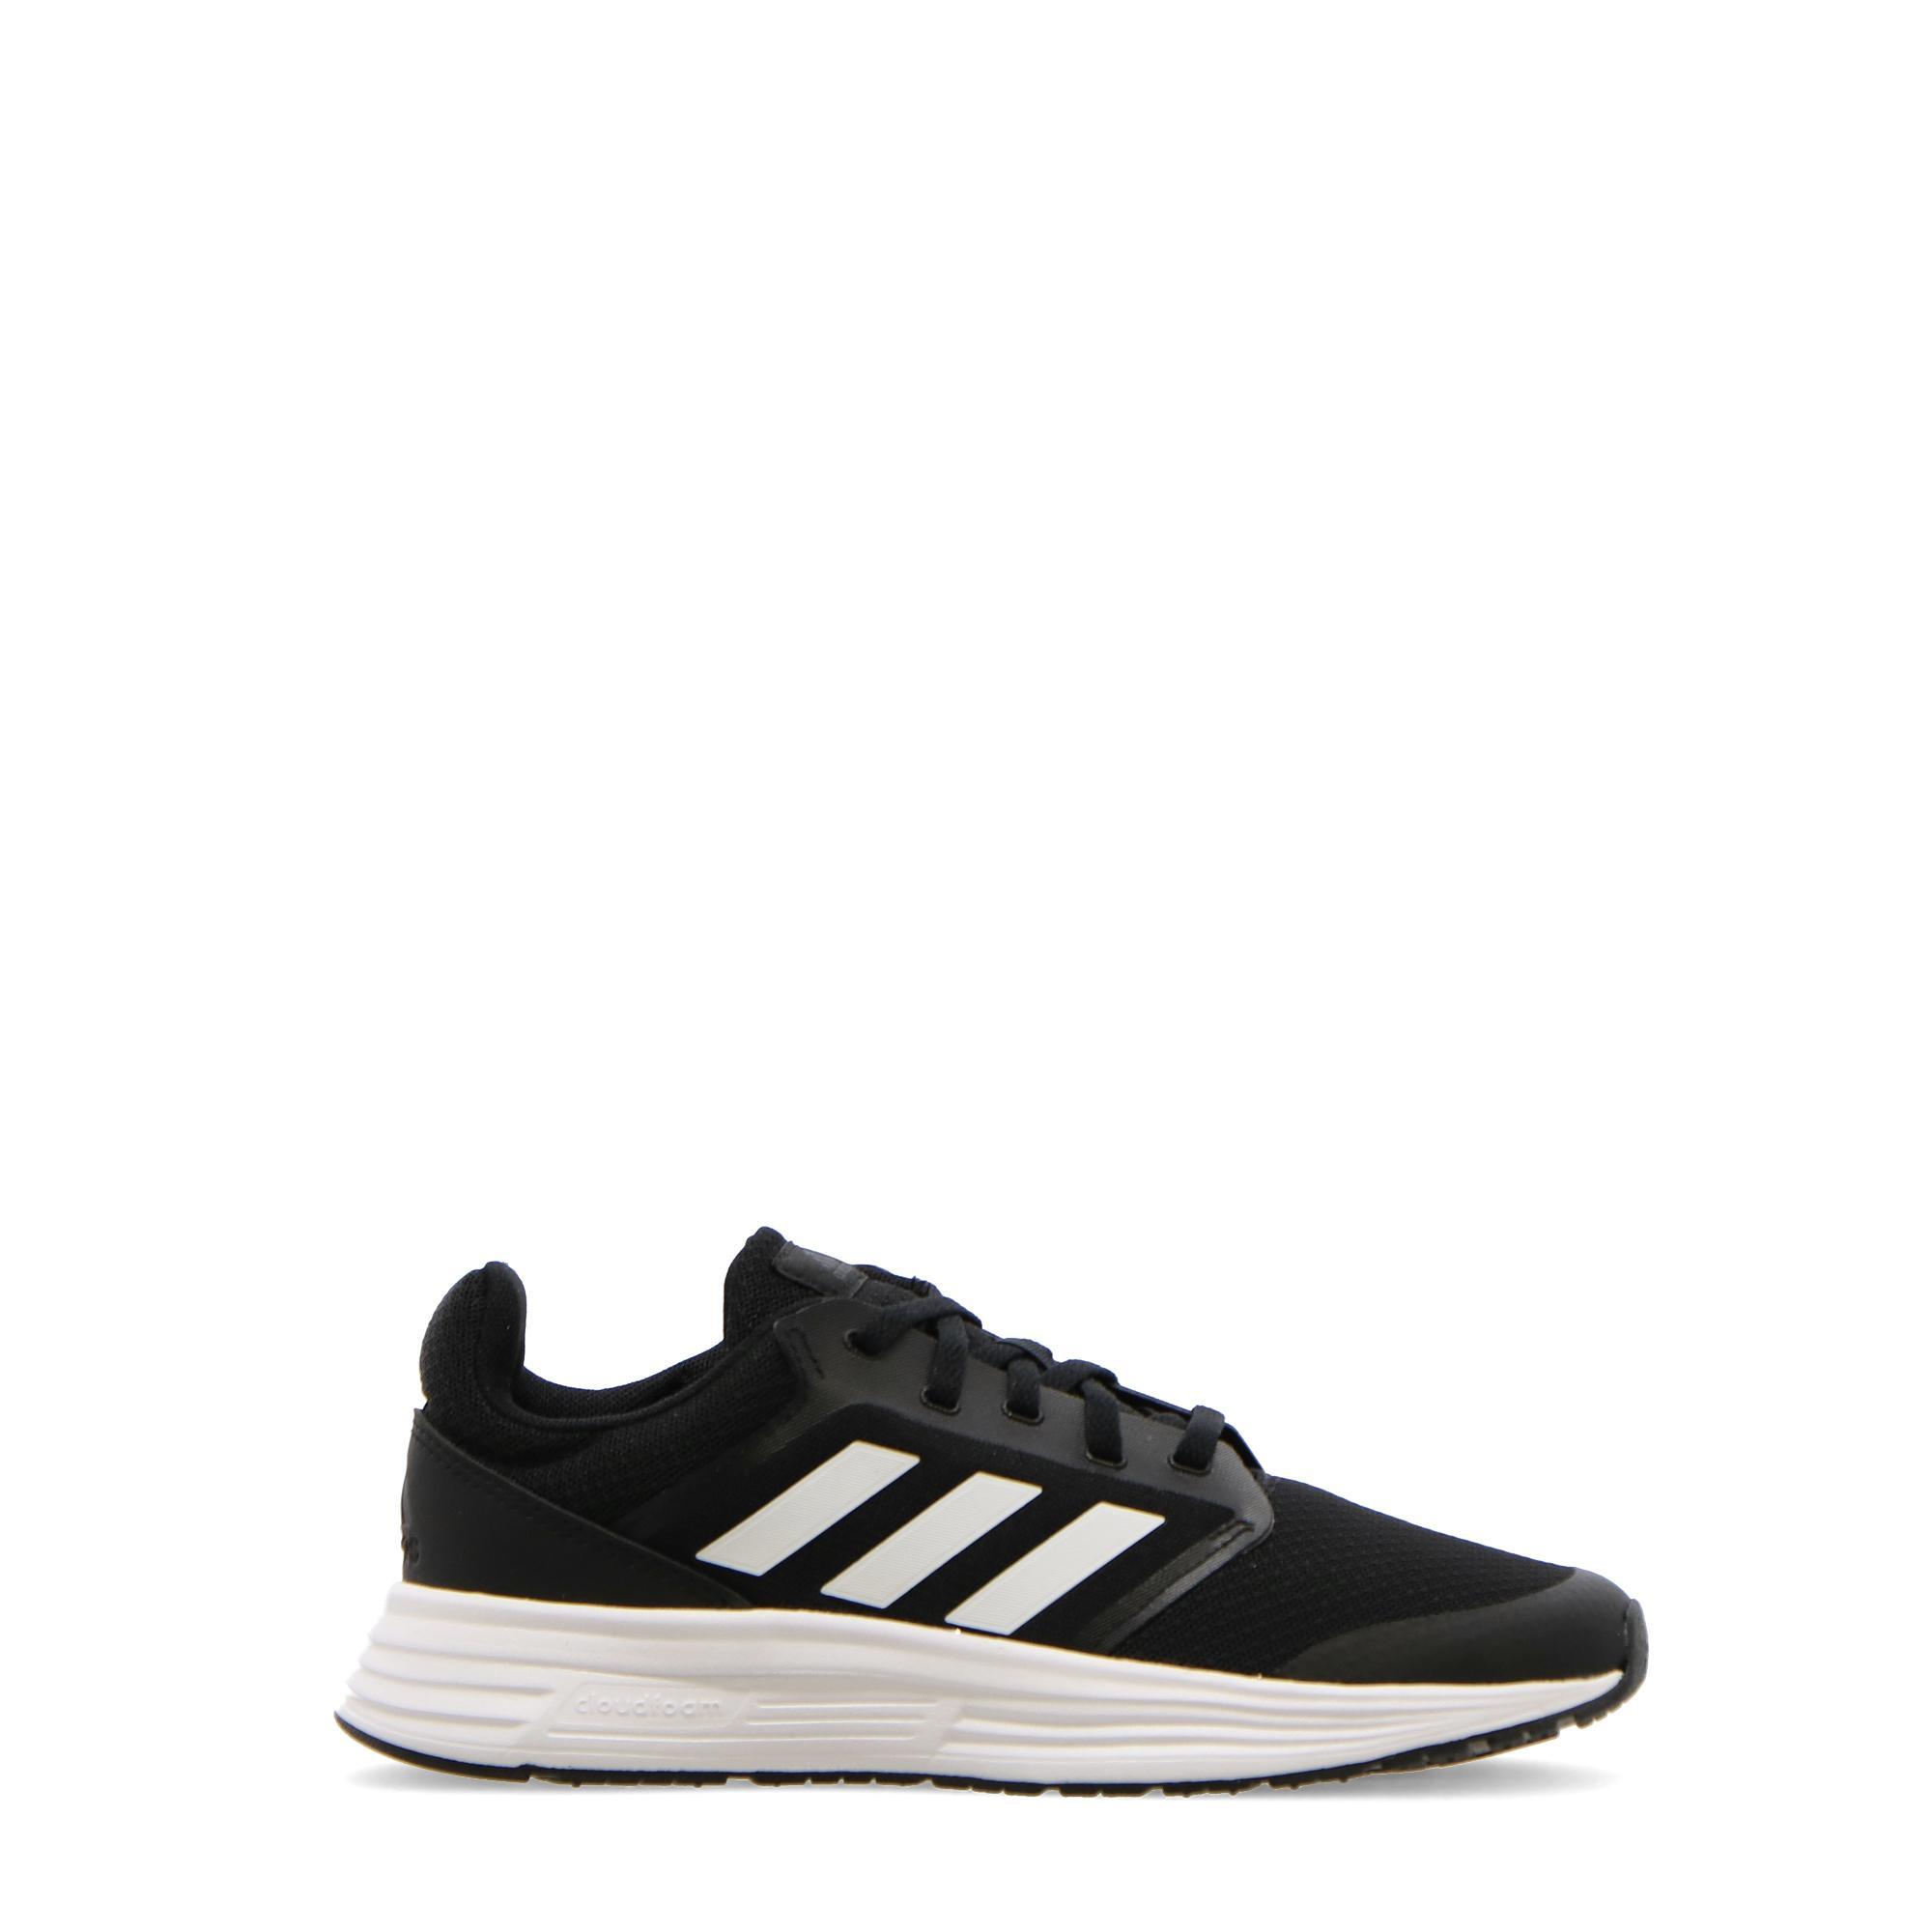 Adidas Galaxy 5 Black white grey SIX